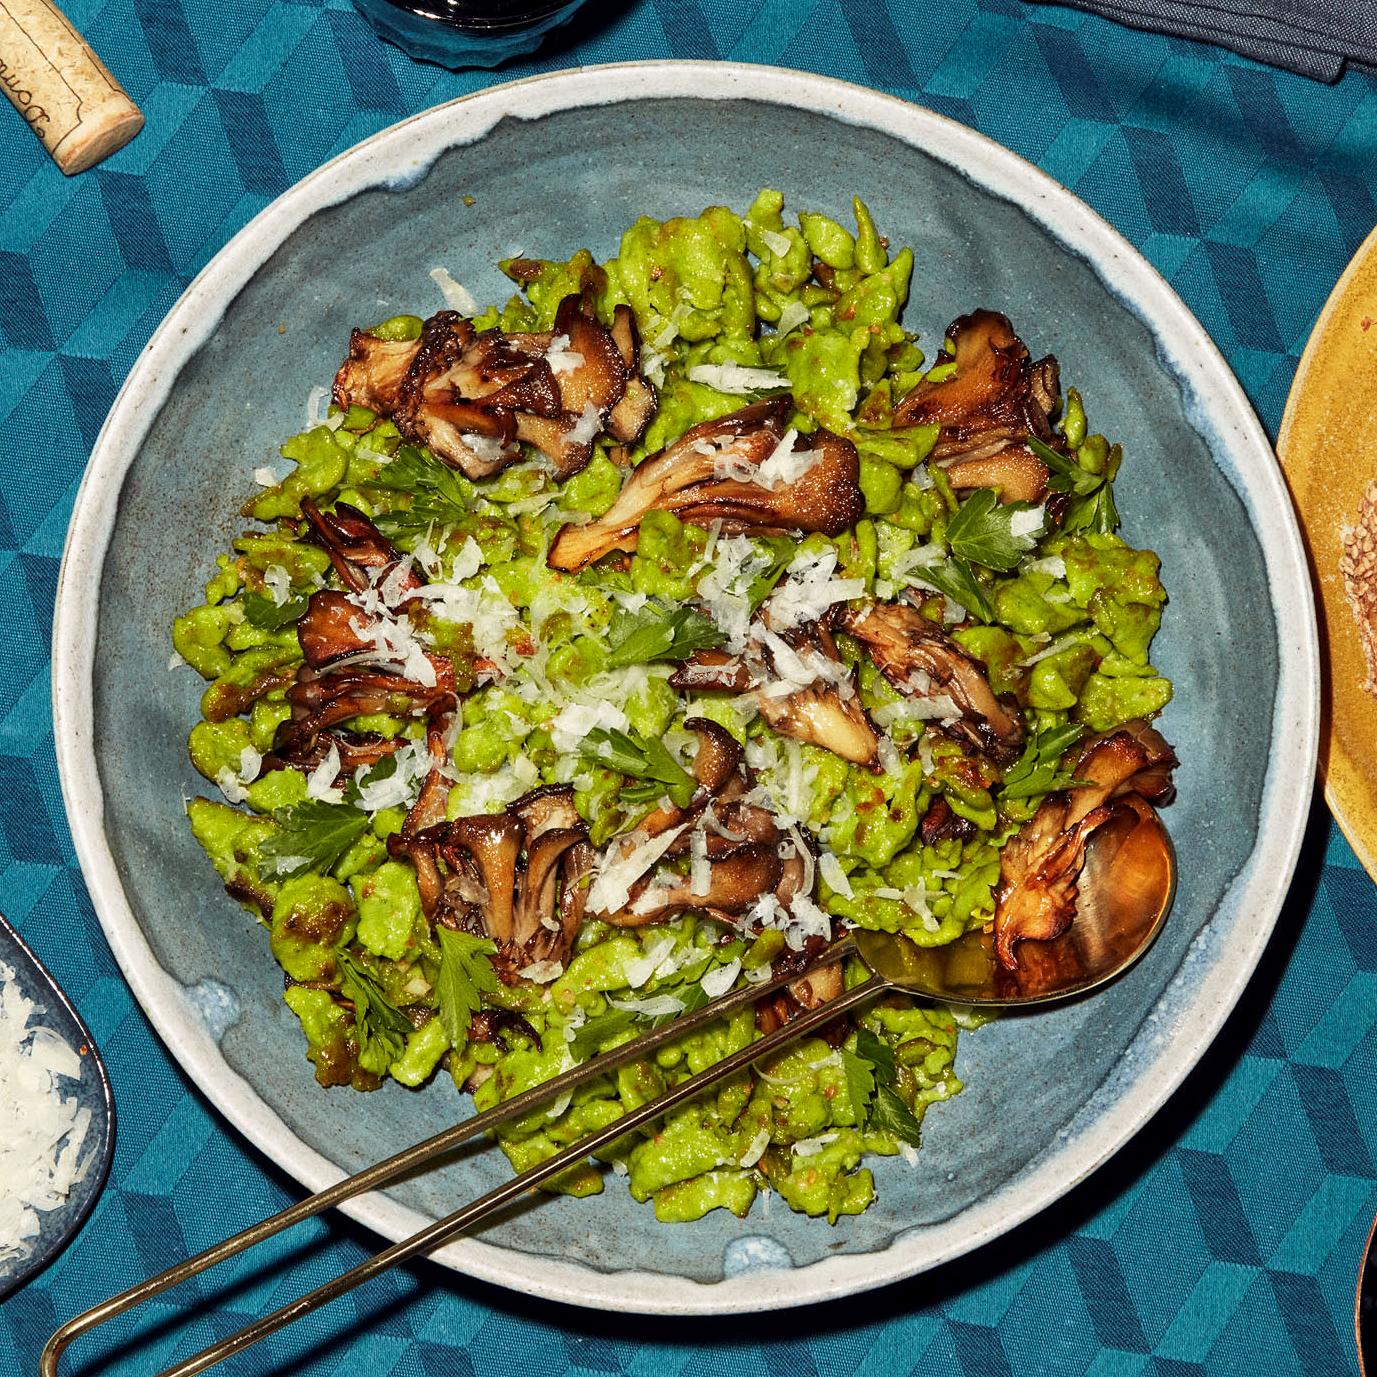 michelles parsley spaetzle with mushrooms